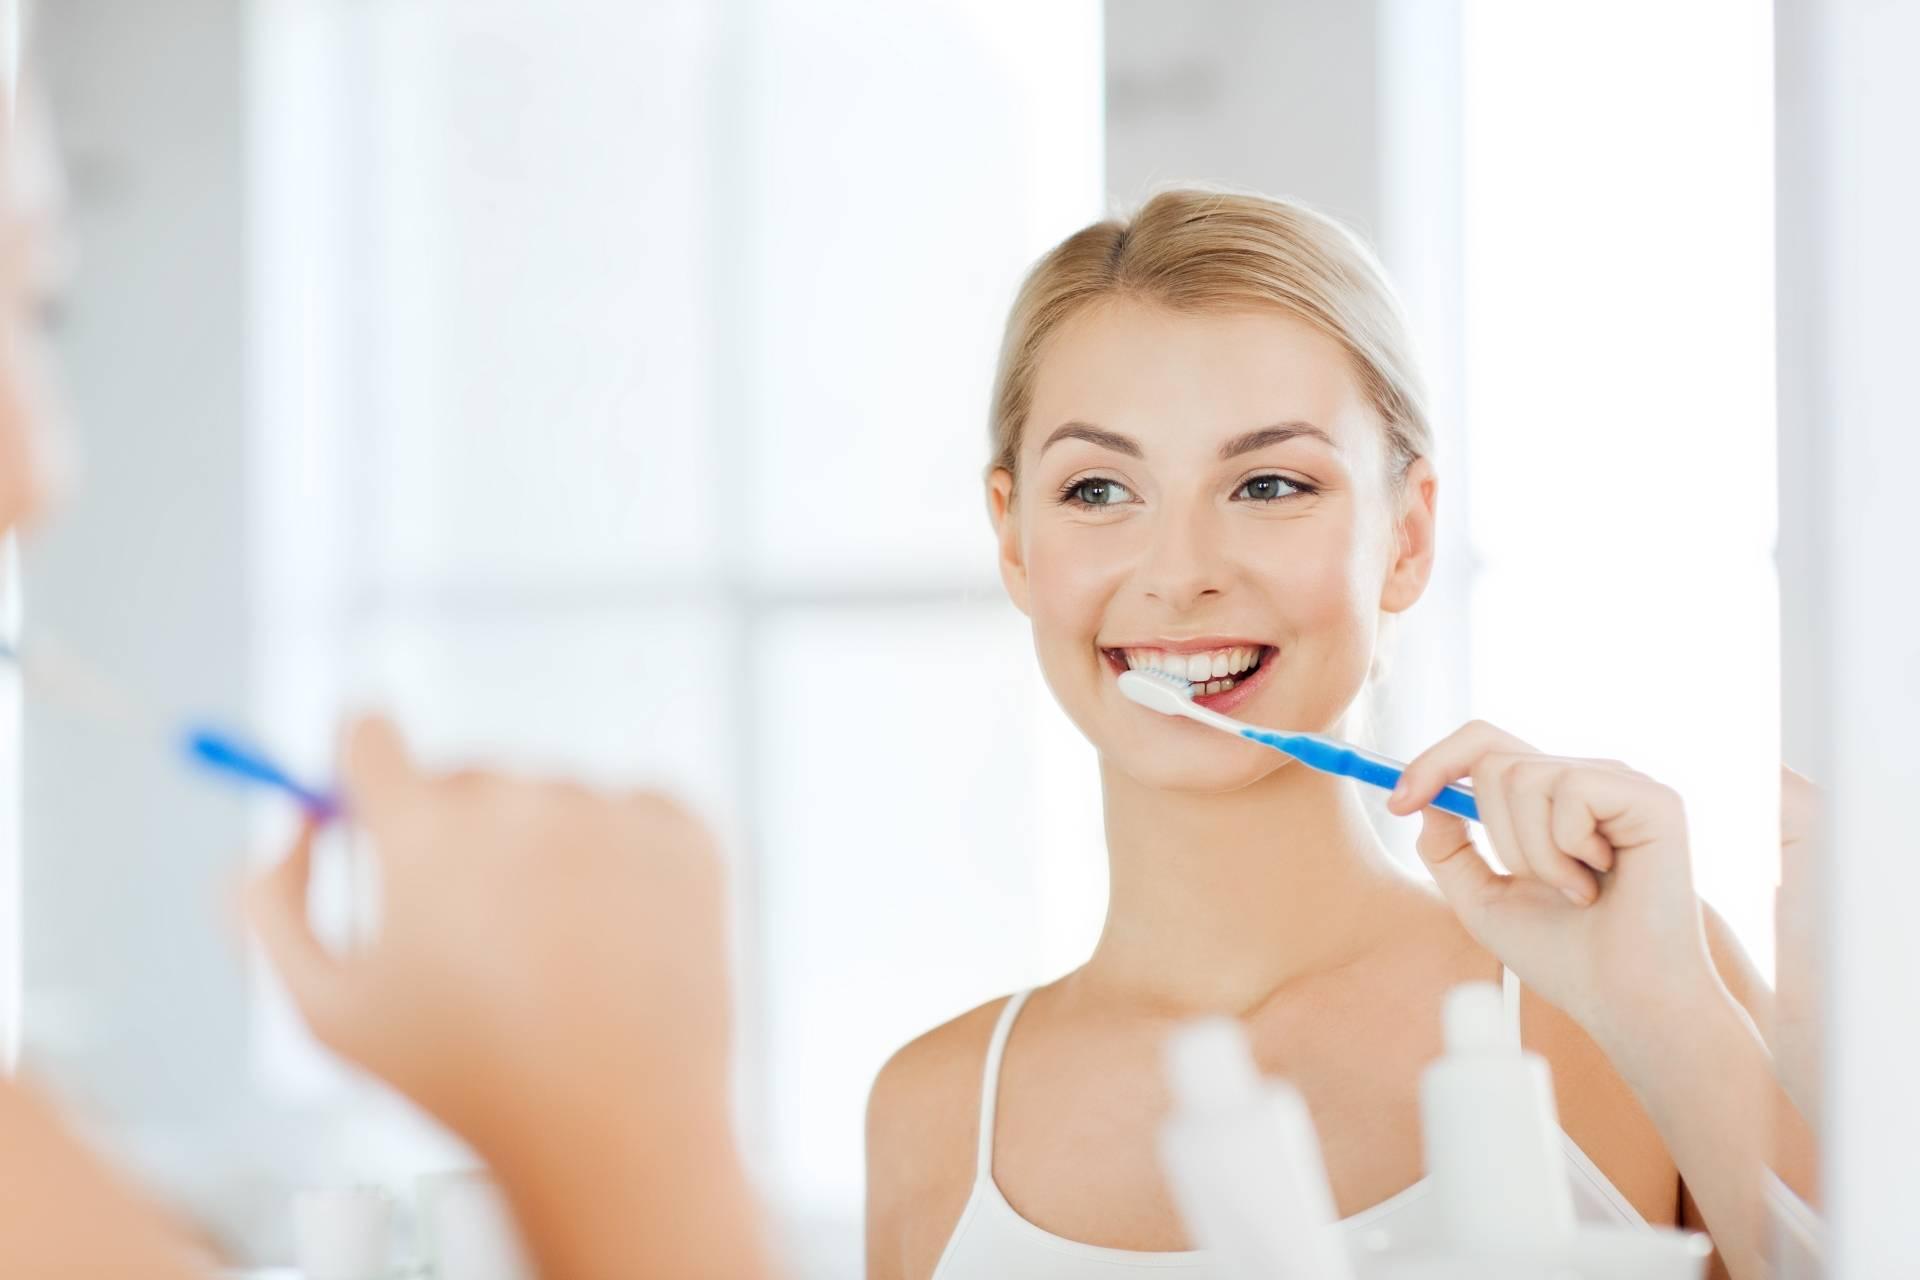 Naturalne sposoby na pleśniawki u dorosłych - leczenie i zapobieganie. Kobieta myje zęby i dba o higienę jamy ustnej.